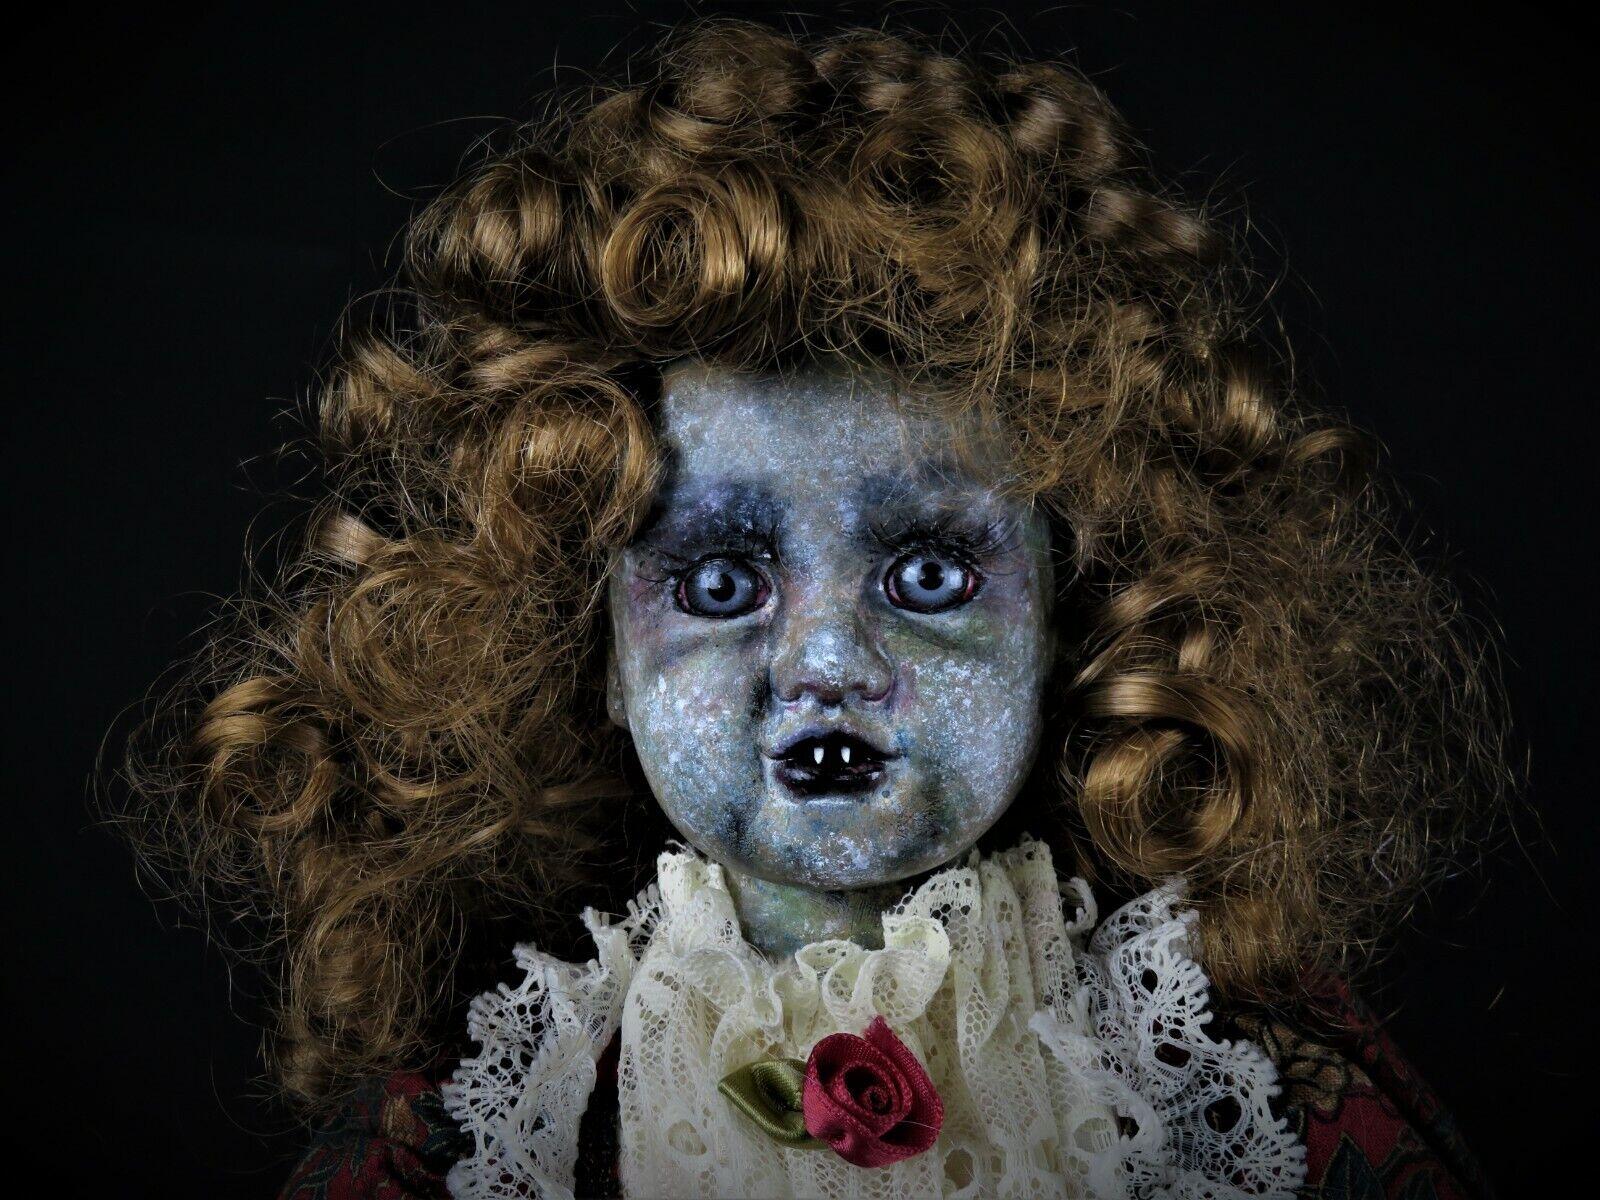 Lilith por Wicked Wanda creaciones  uno de una clase espeluznante halloween espeluznante Horror Muñeca